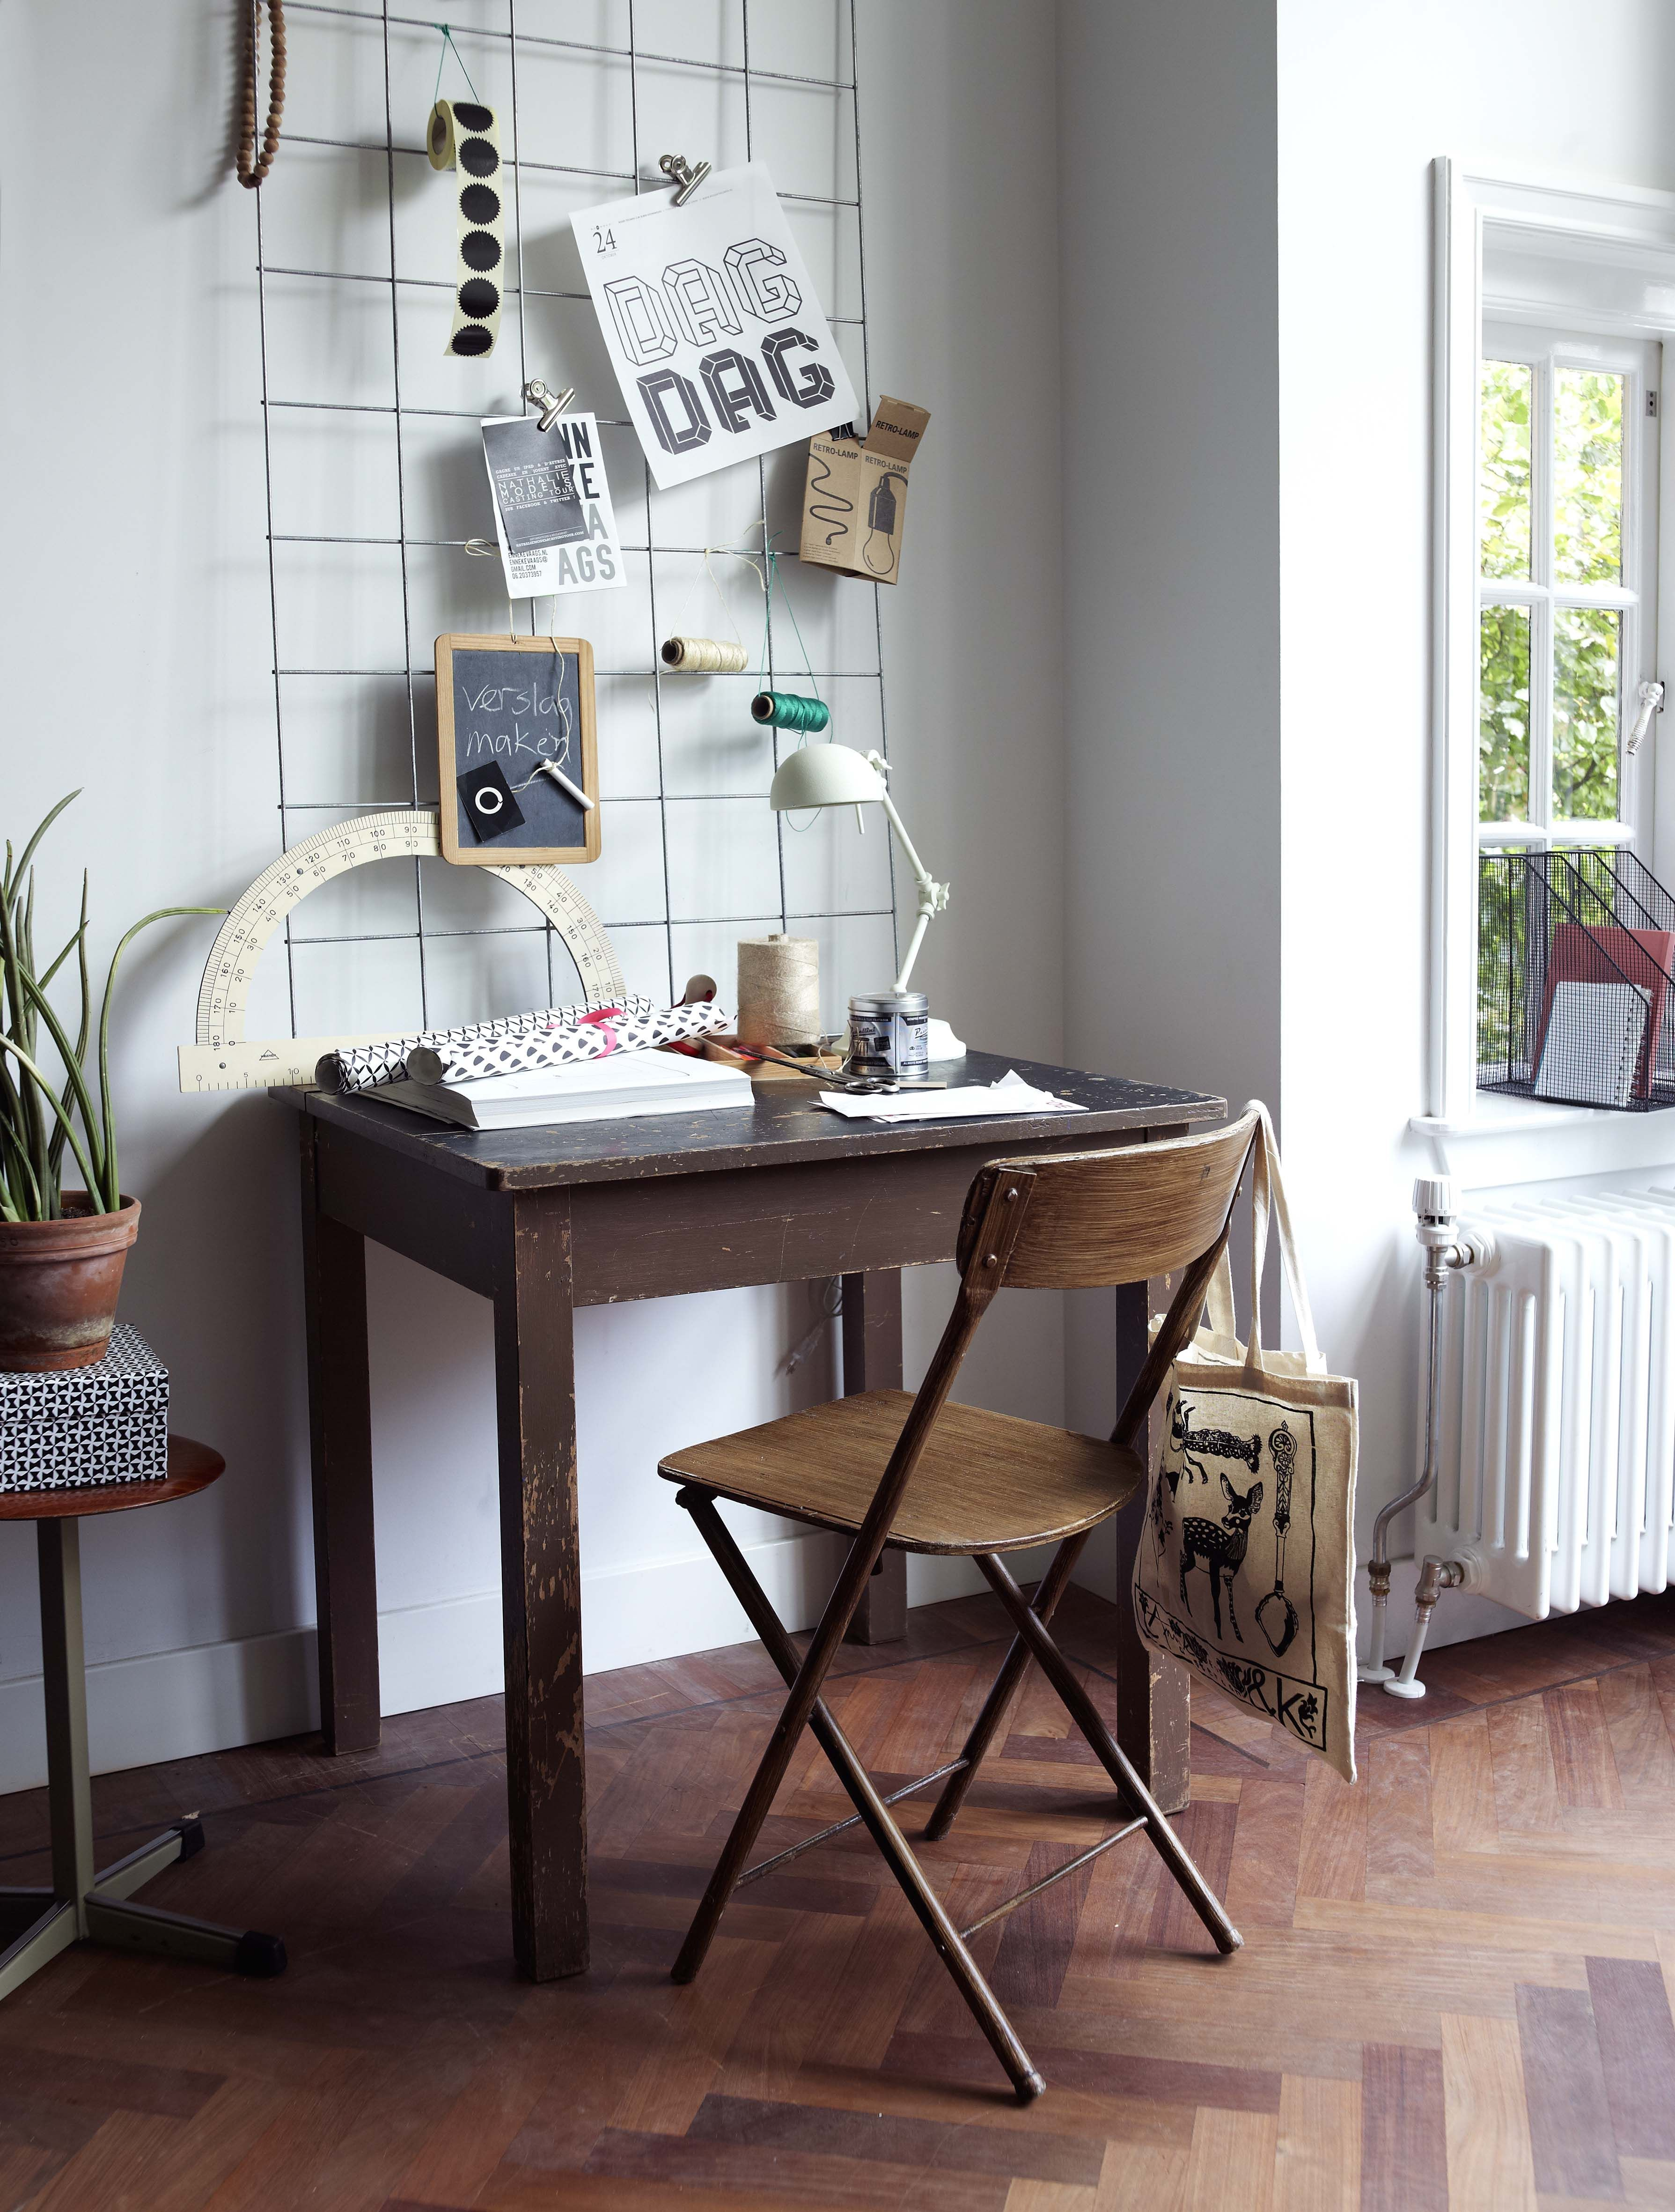 Memoborden maken van decorpaneel | hout projeckten | Pinterest | Diy ...